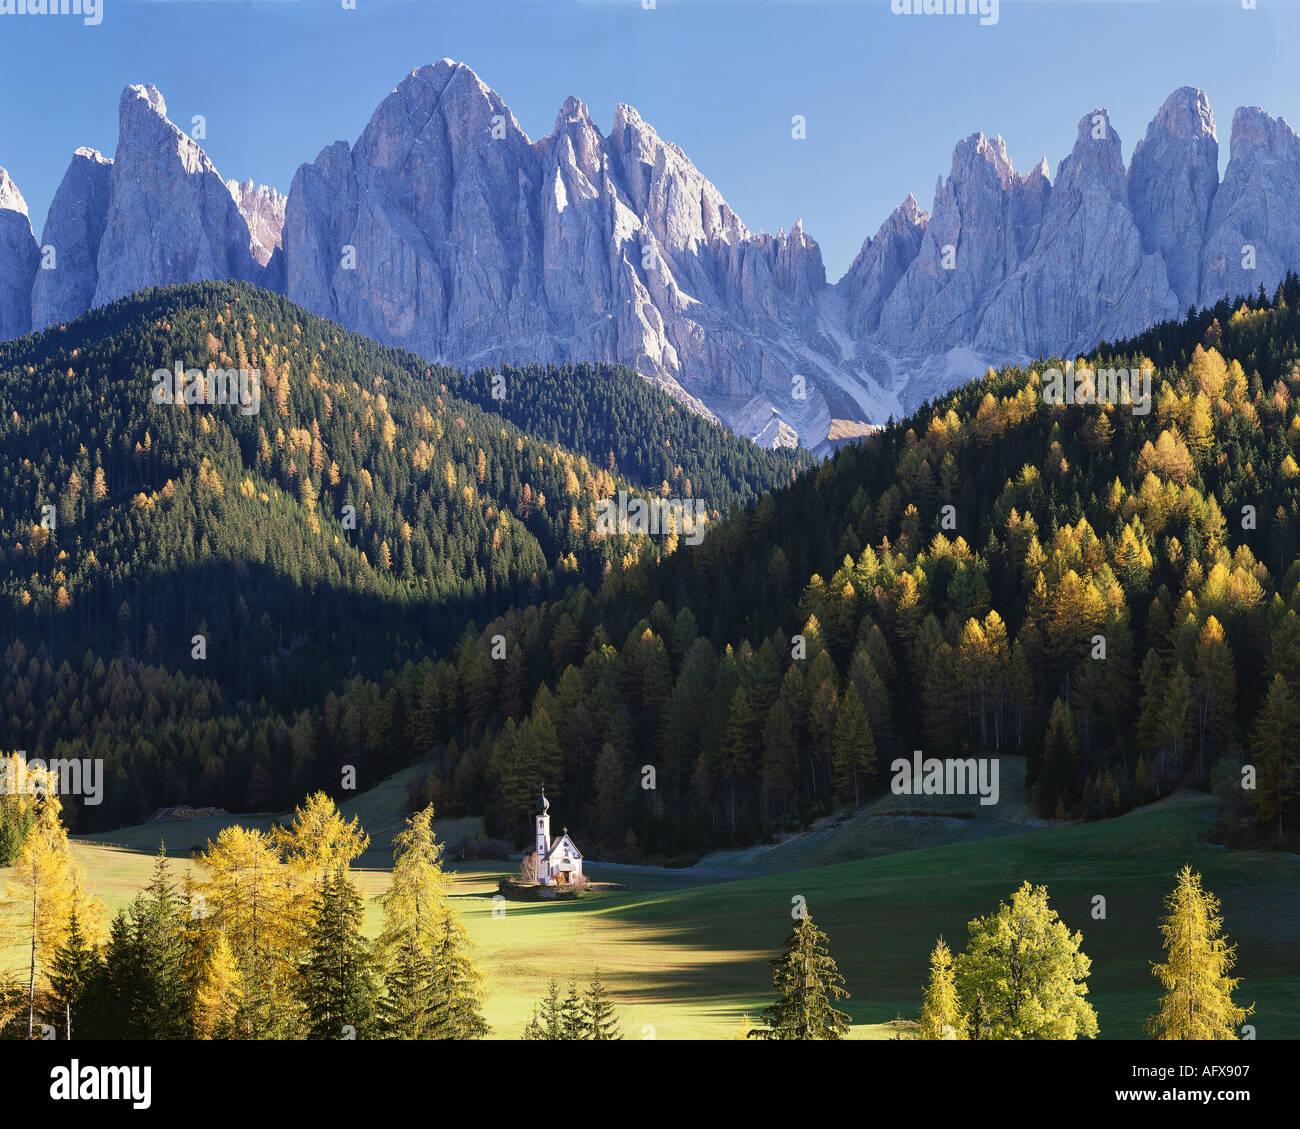 IT - Dolomiti: San Giovanni in Ranui e Geisler Spitzen Montagne Immagini Stock